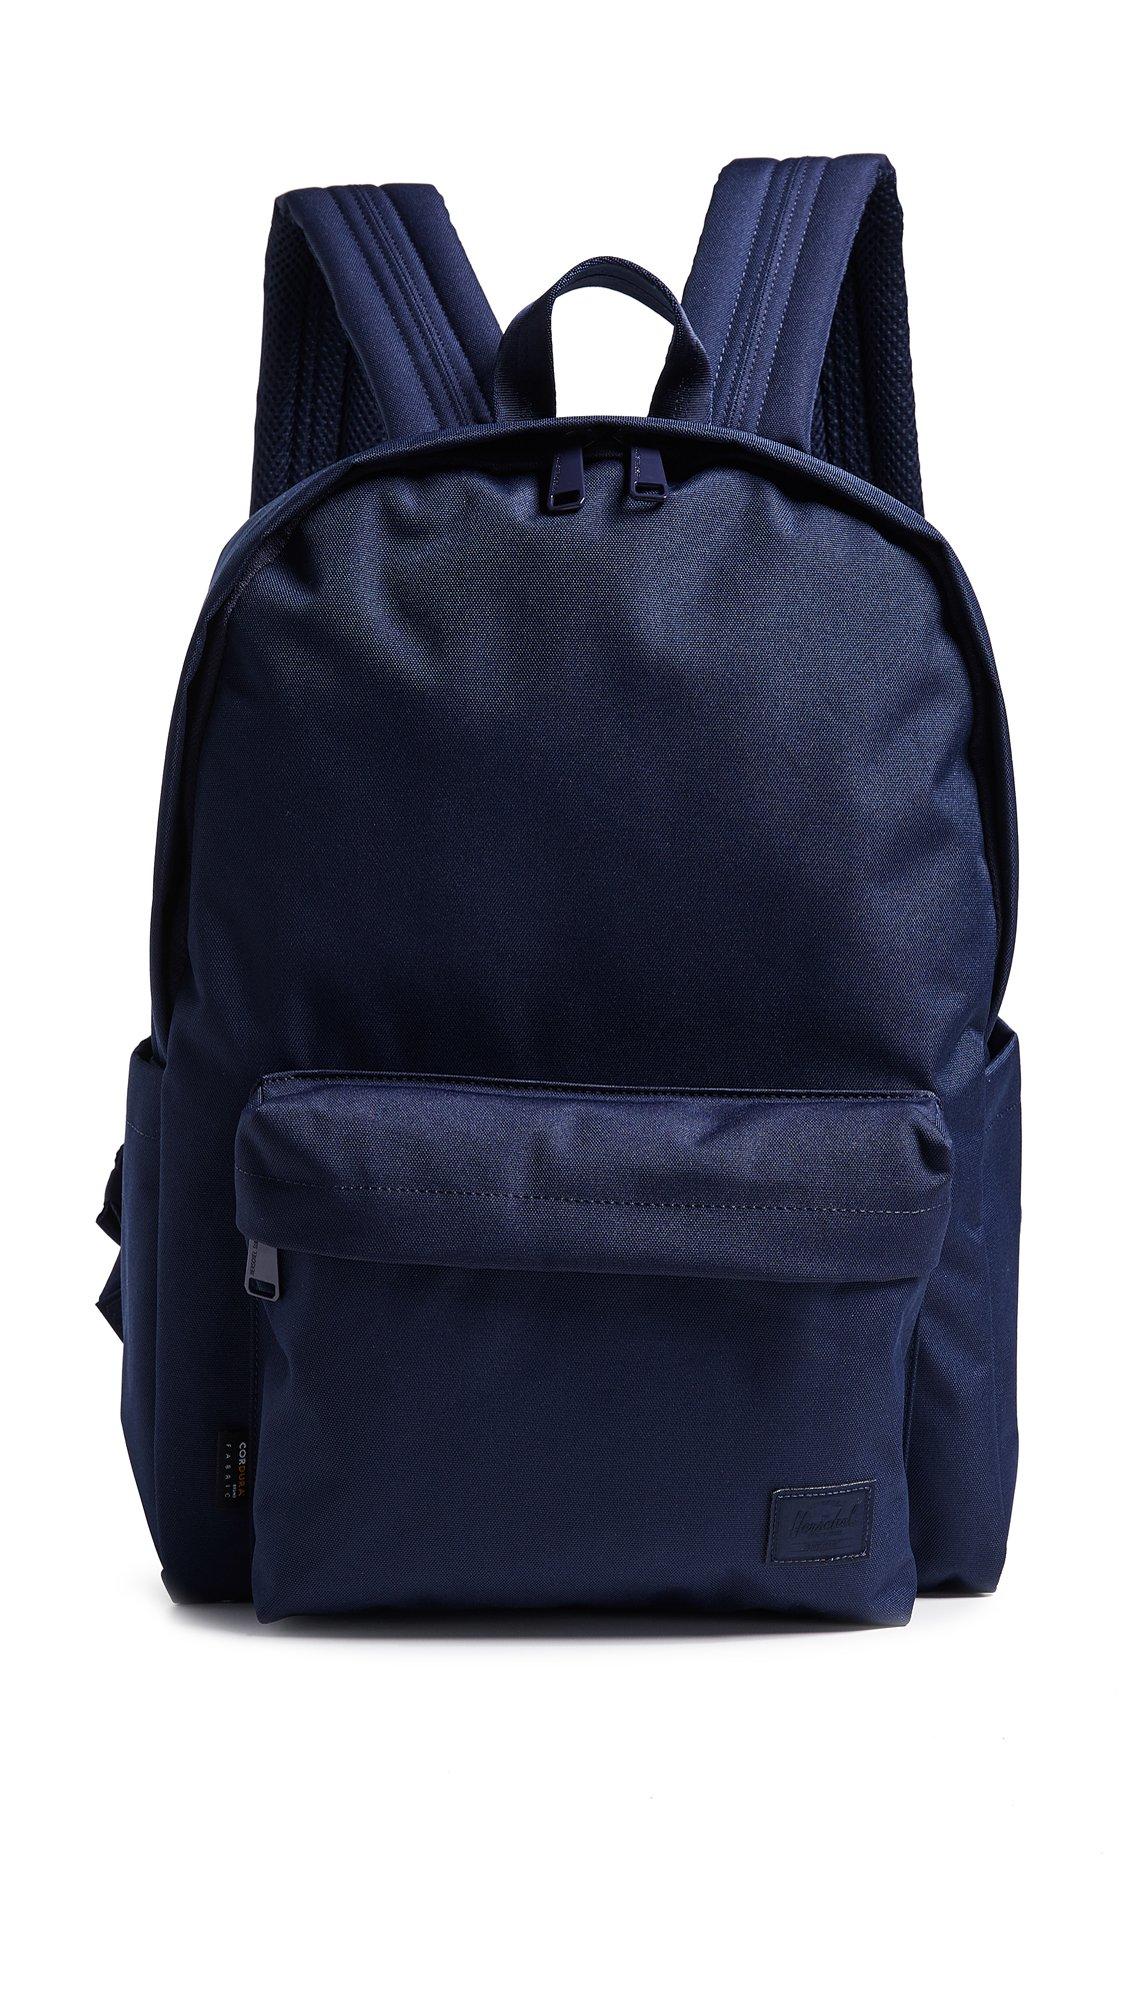 Herschel Supply Co. Men's Cordura Berg Backpack, Peacoat Navy, One Size